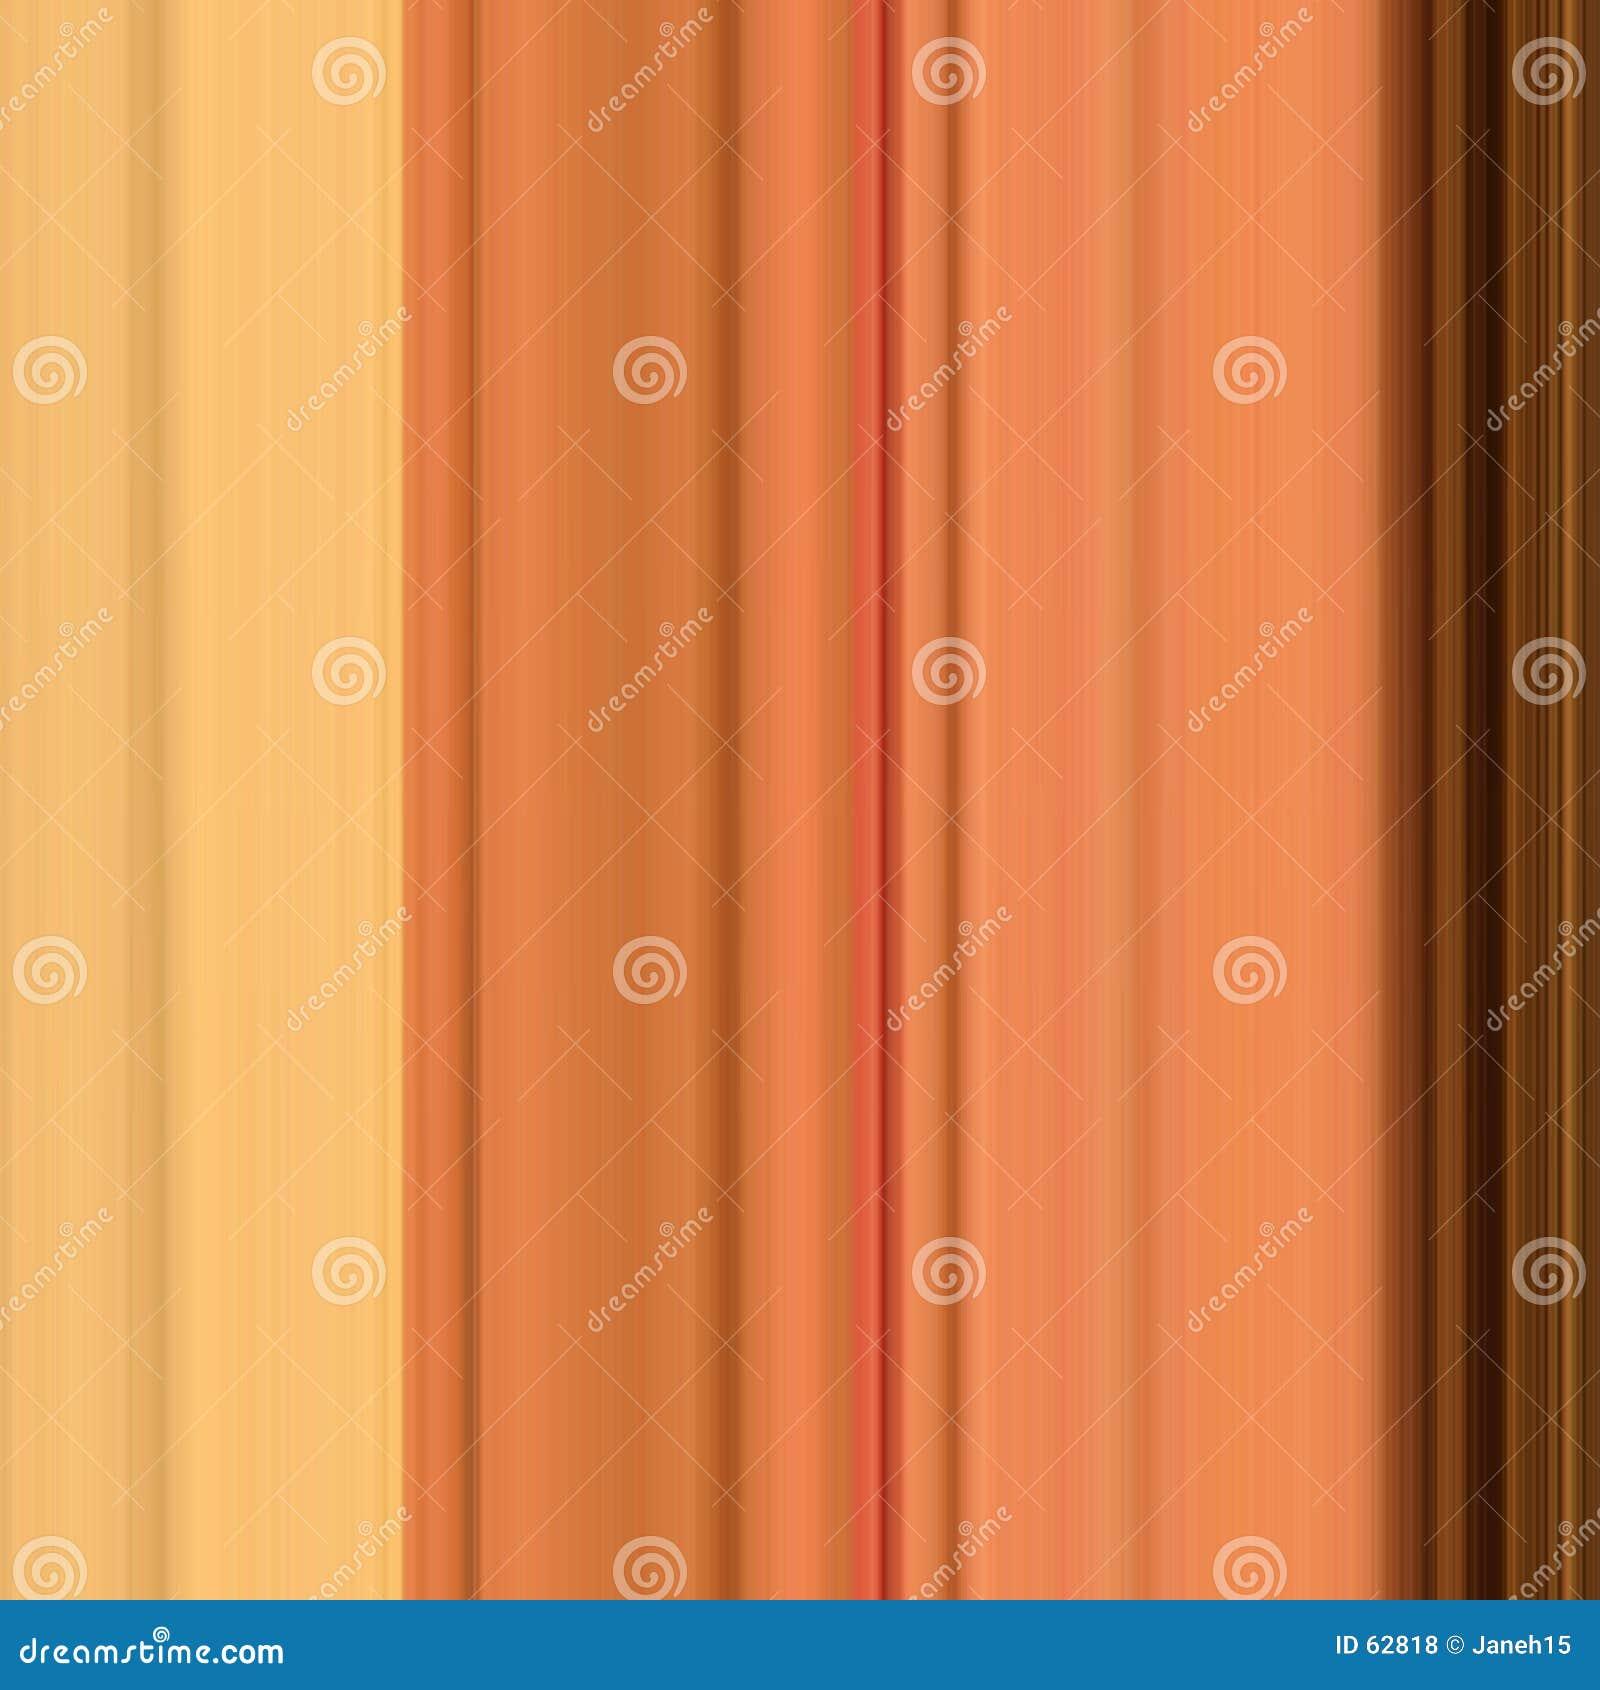 Scaldi la riga colorata reticolo